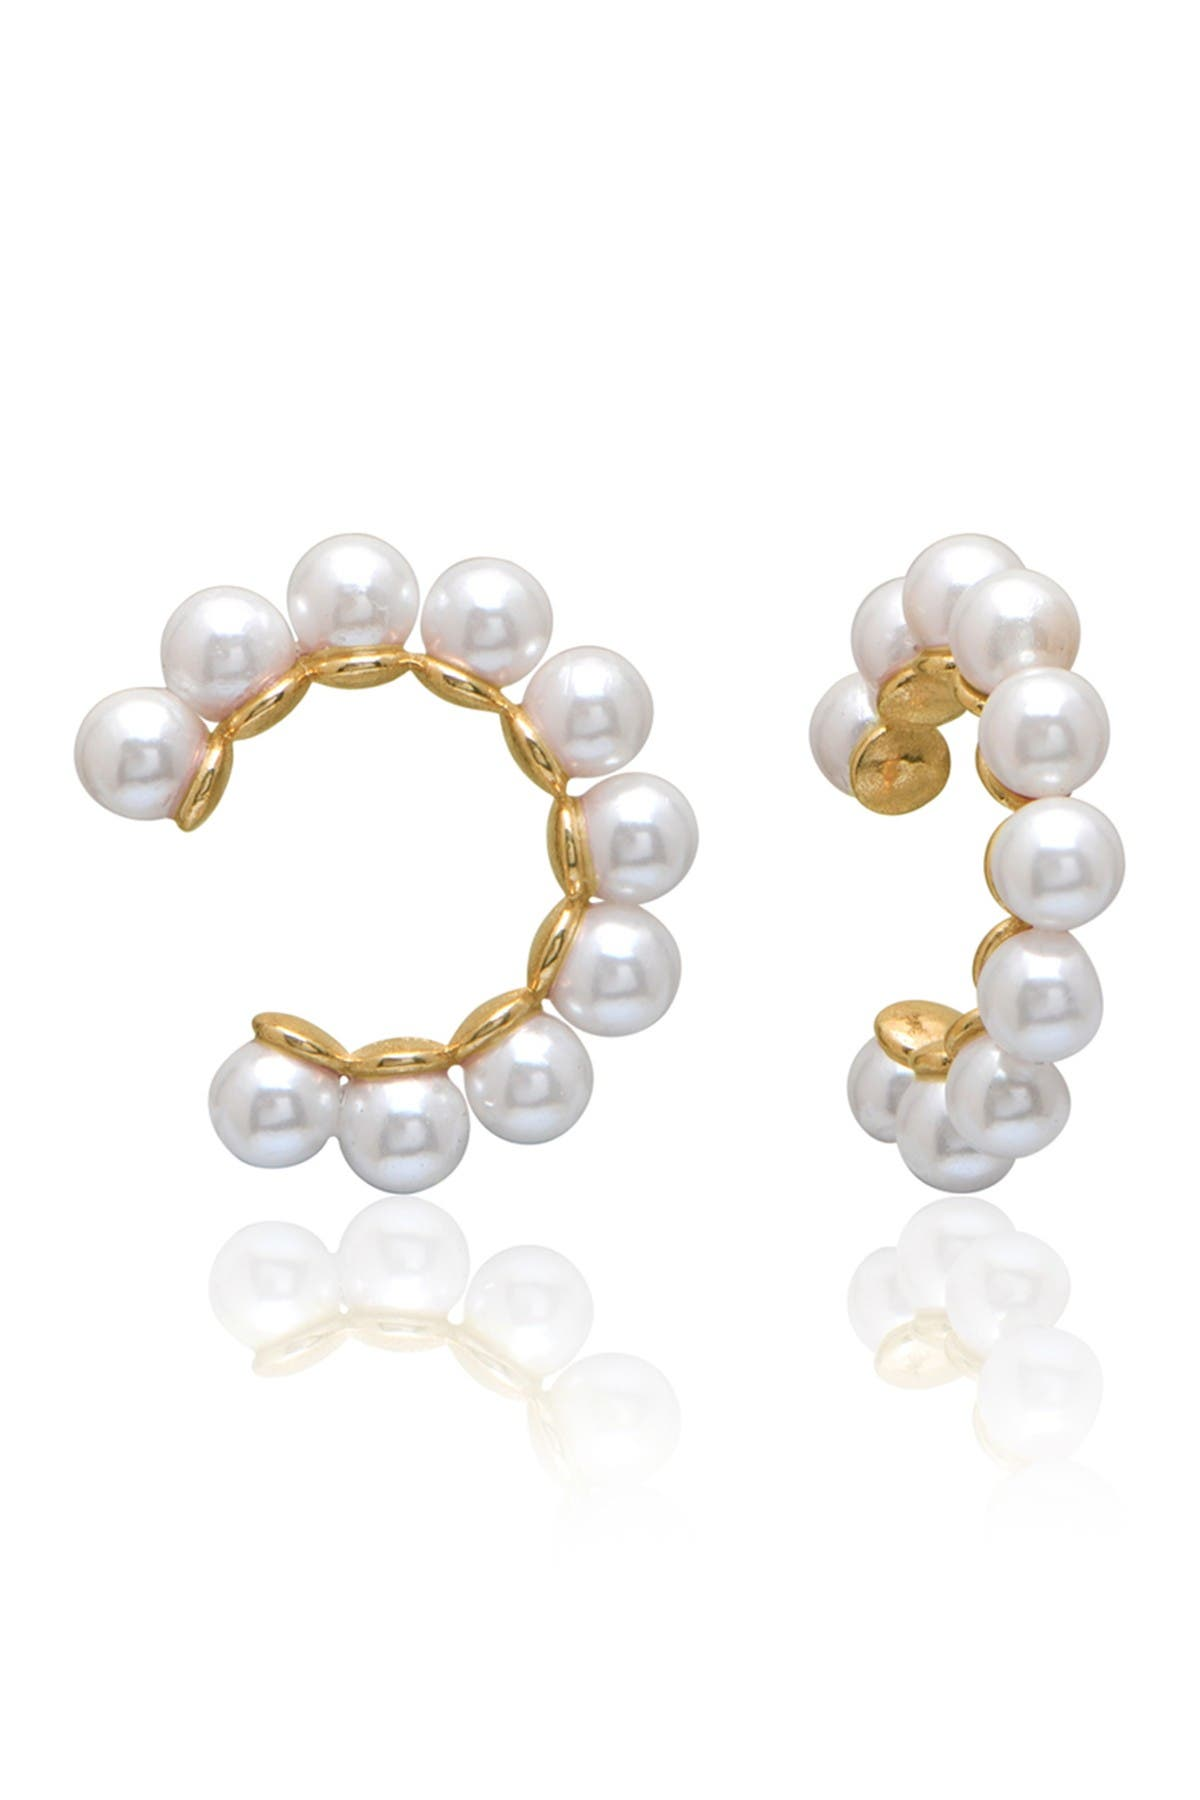 Image of Gabi Rielle 14K Yellow Gold Vermeil 3mm Pearl Trim Ear Cuffs